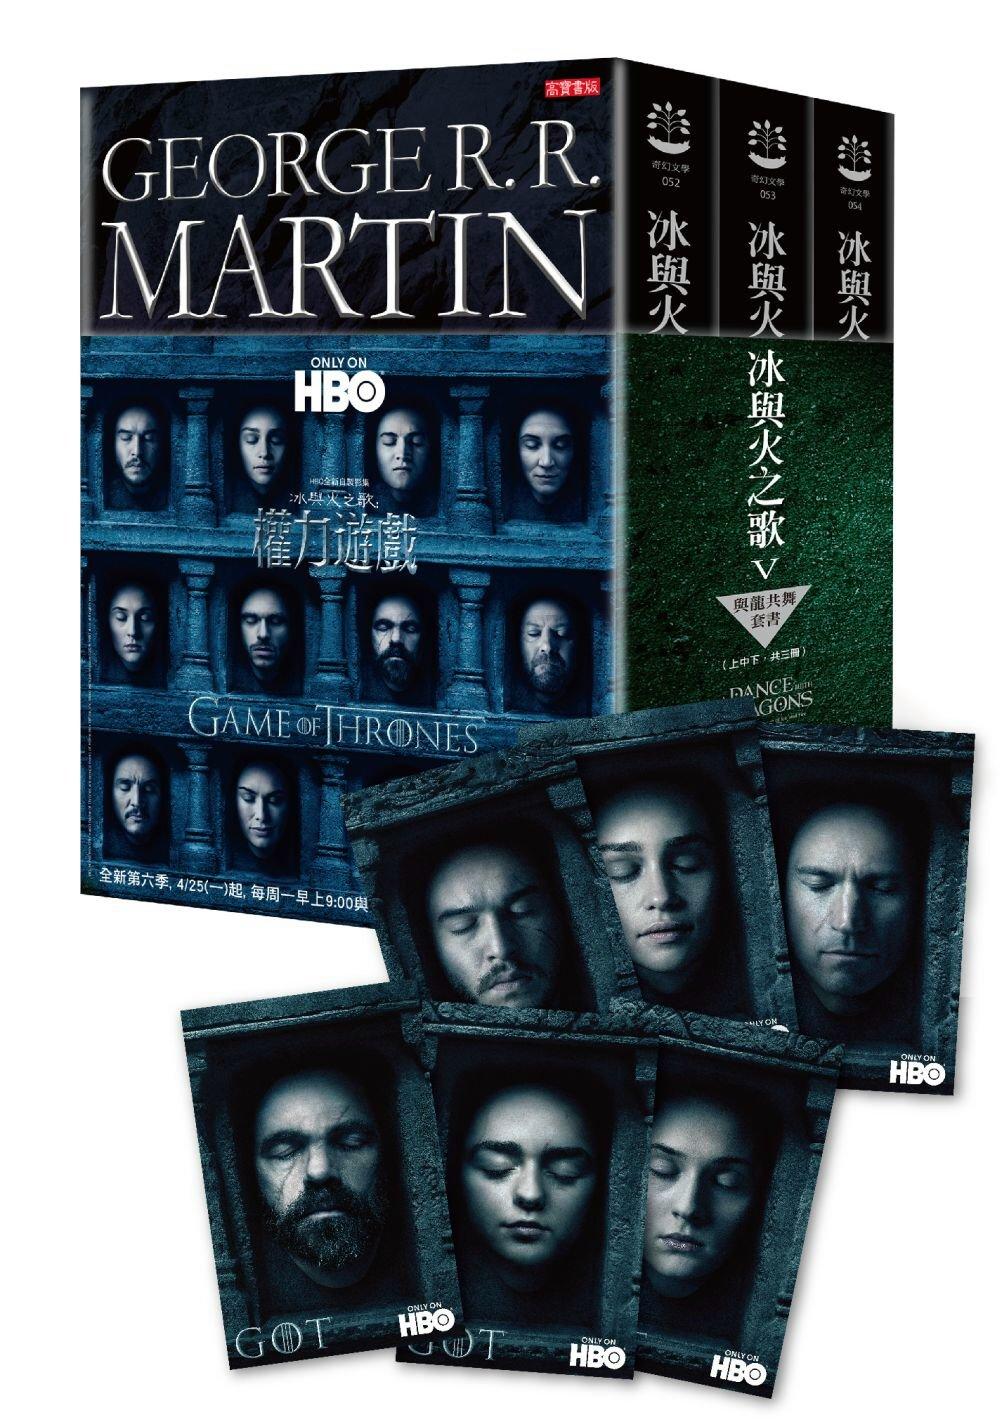 冰與火之歌第五部:與龍共舞套書電視影集書腰 + 6張明信片限量版